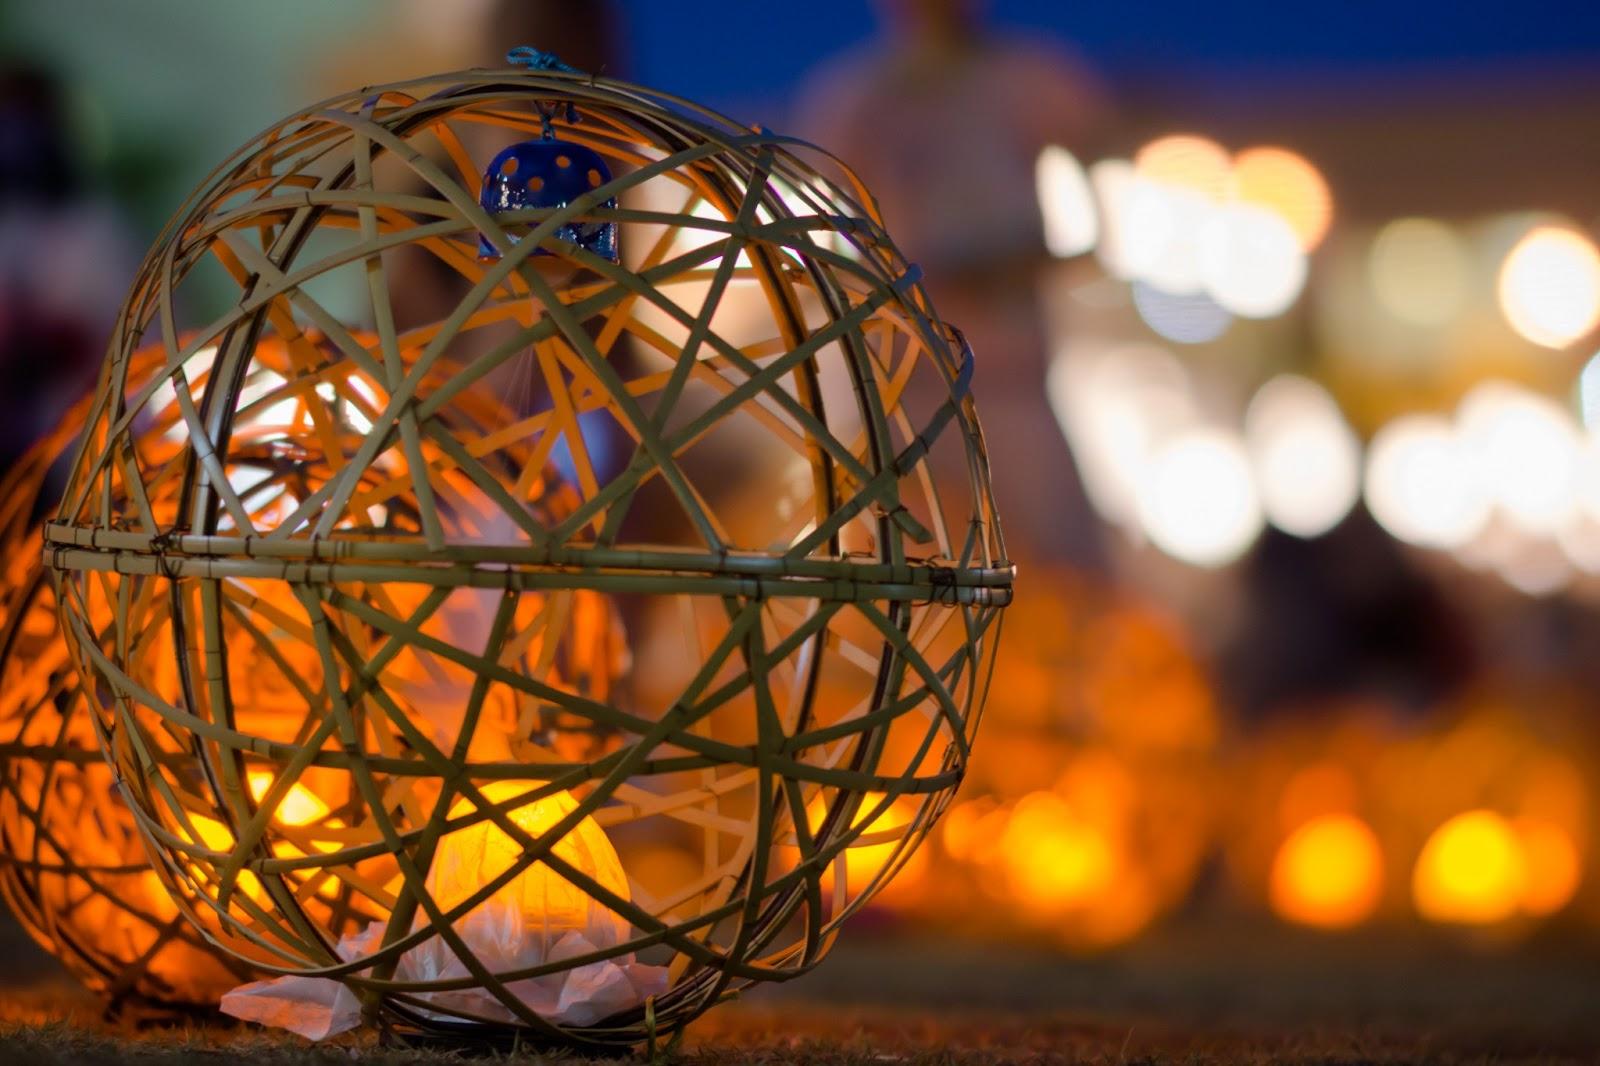 京の七夕、鴨川会場の風鈴灯の写真